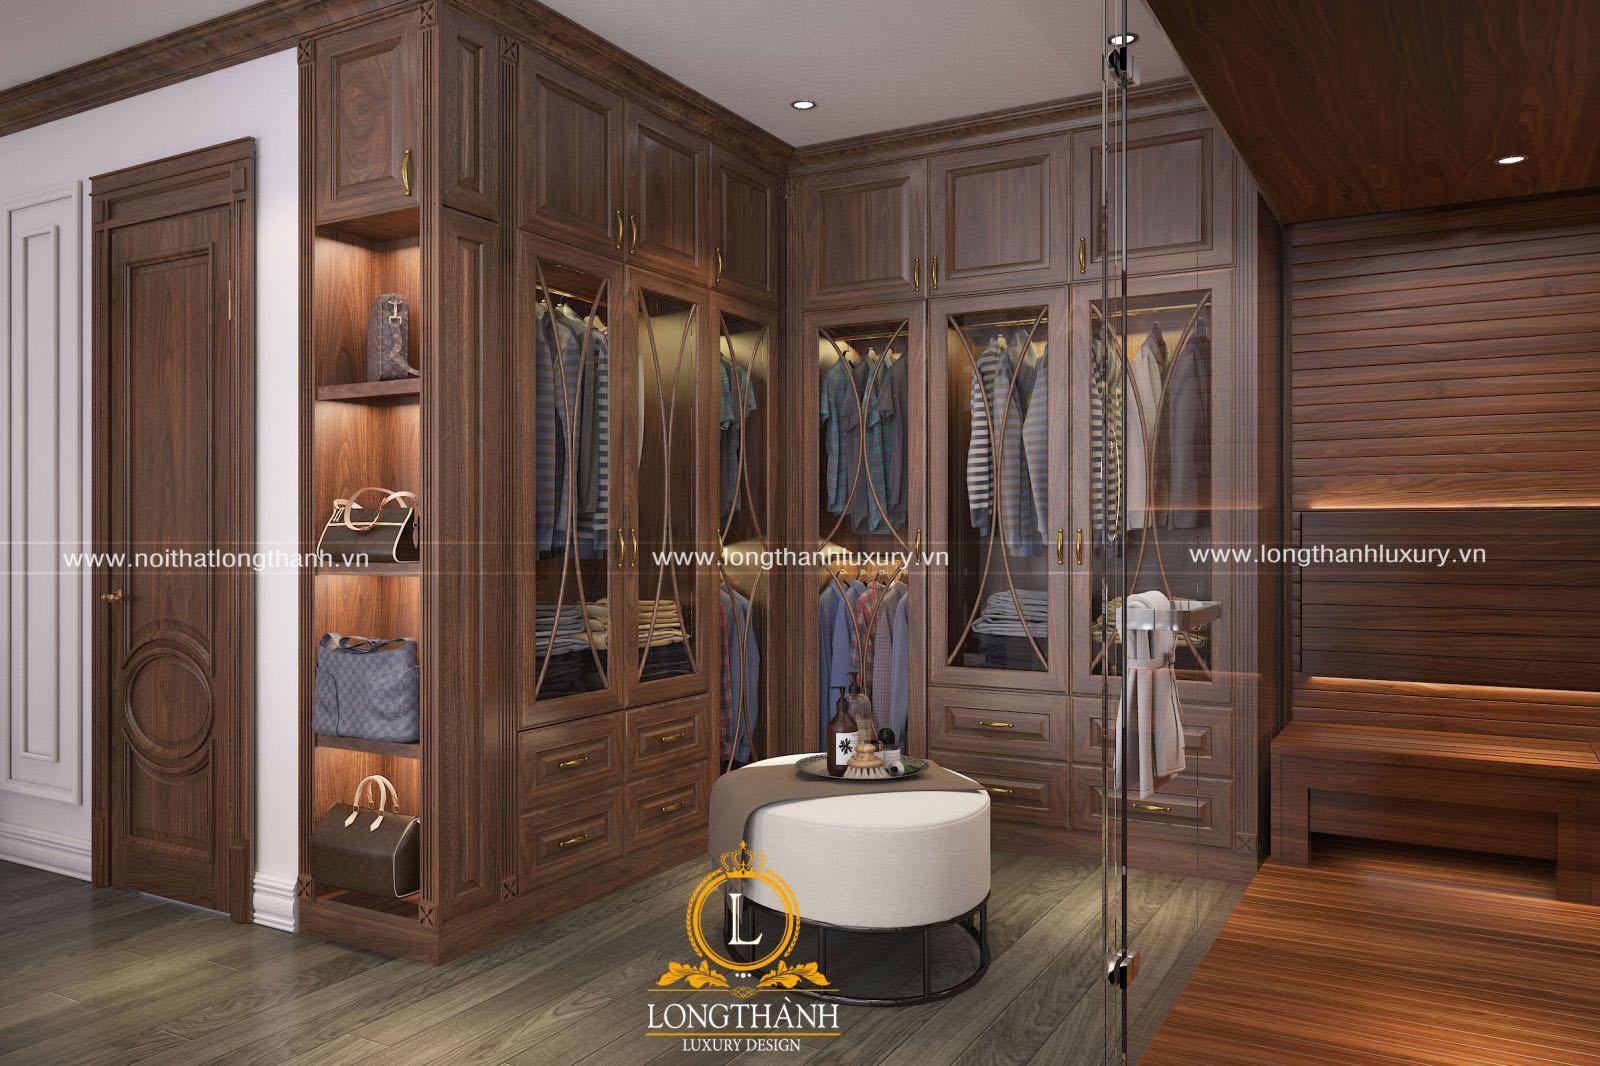 Phòng ngủ tân cổ điển đẹp - Nội thất gỗ tự nhiên được ưu tiên hàng đầu